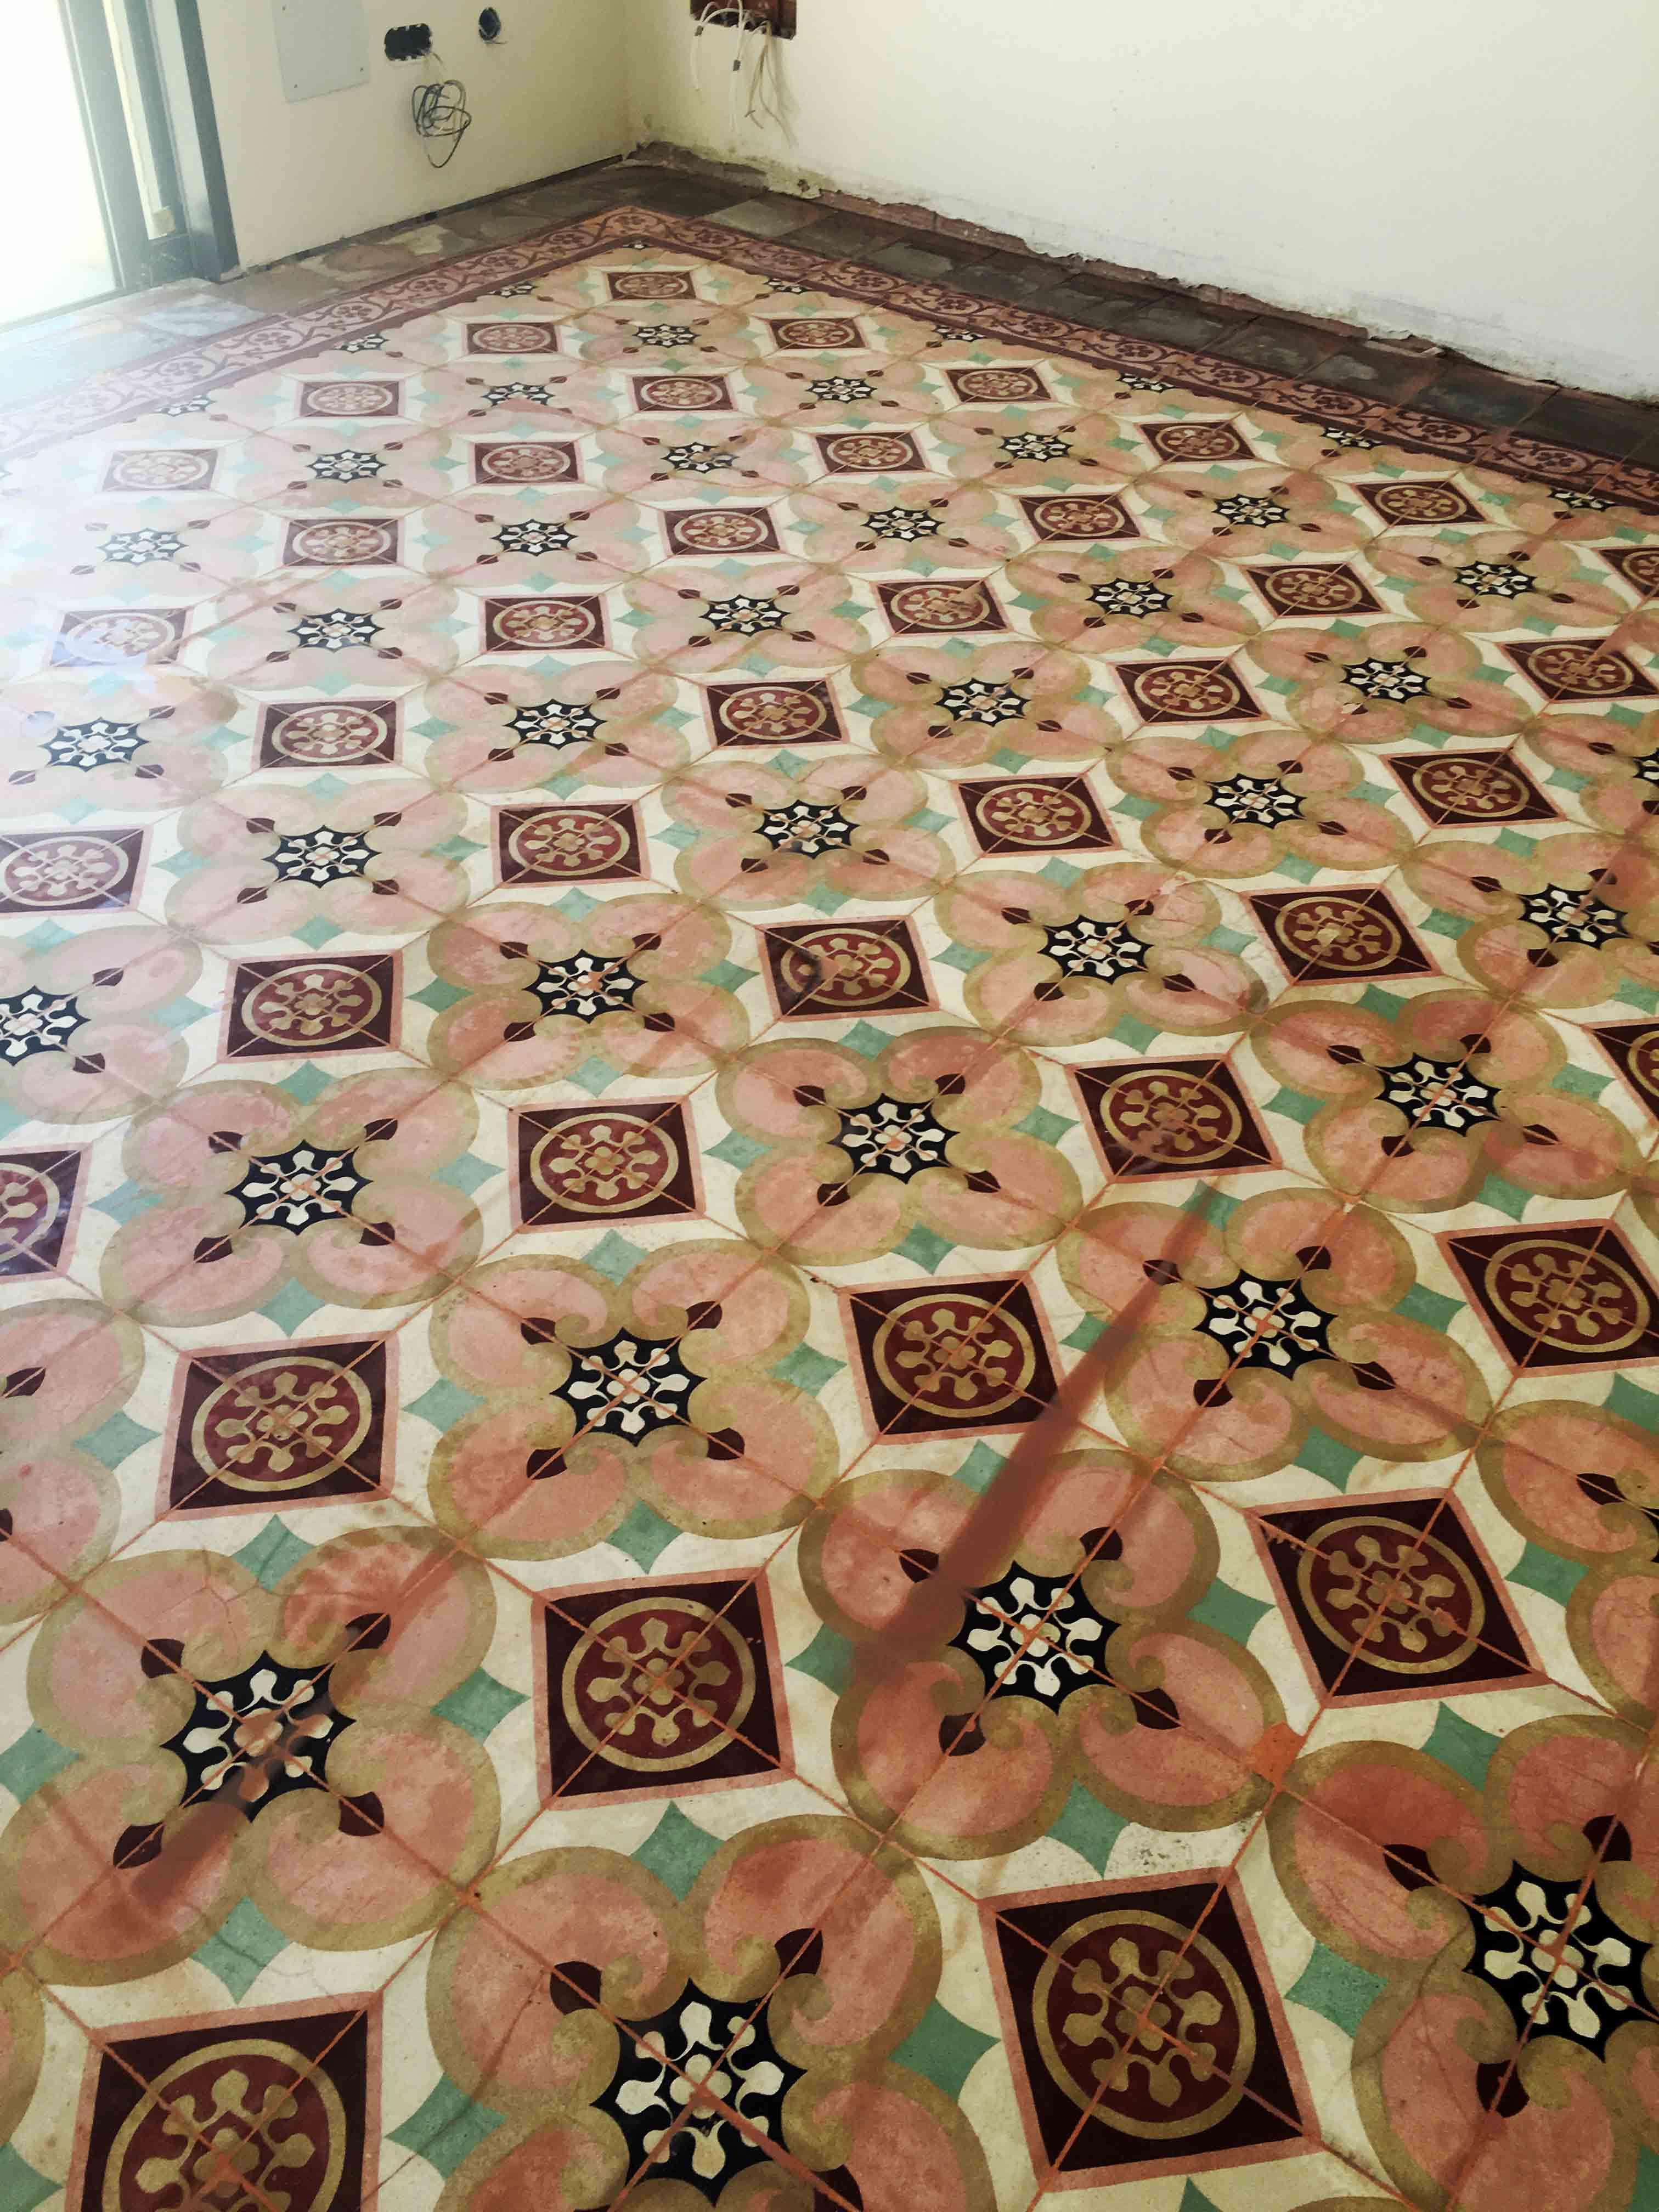 MosaicosBarcelona-Recuperacción-abrillantado-y-acristalado-de-suelos-de-mosaico-hidraulico-en-vivienda-en-Mallorca-Baleares-9